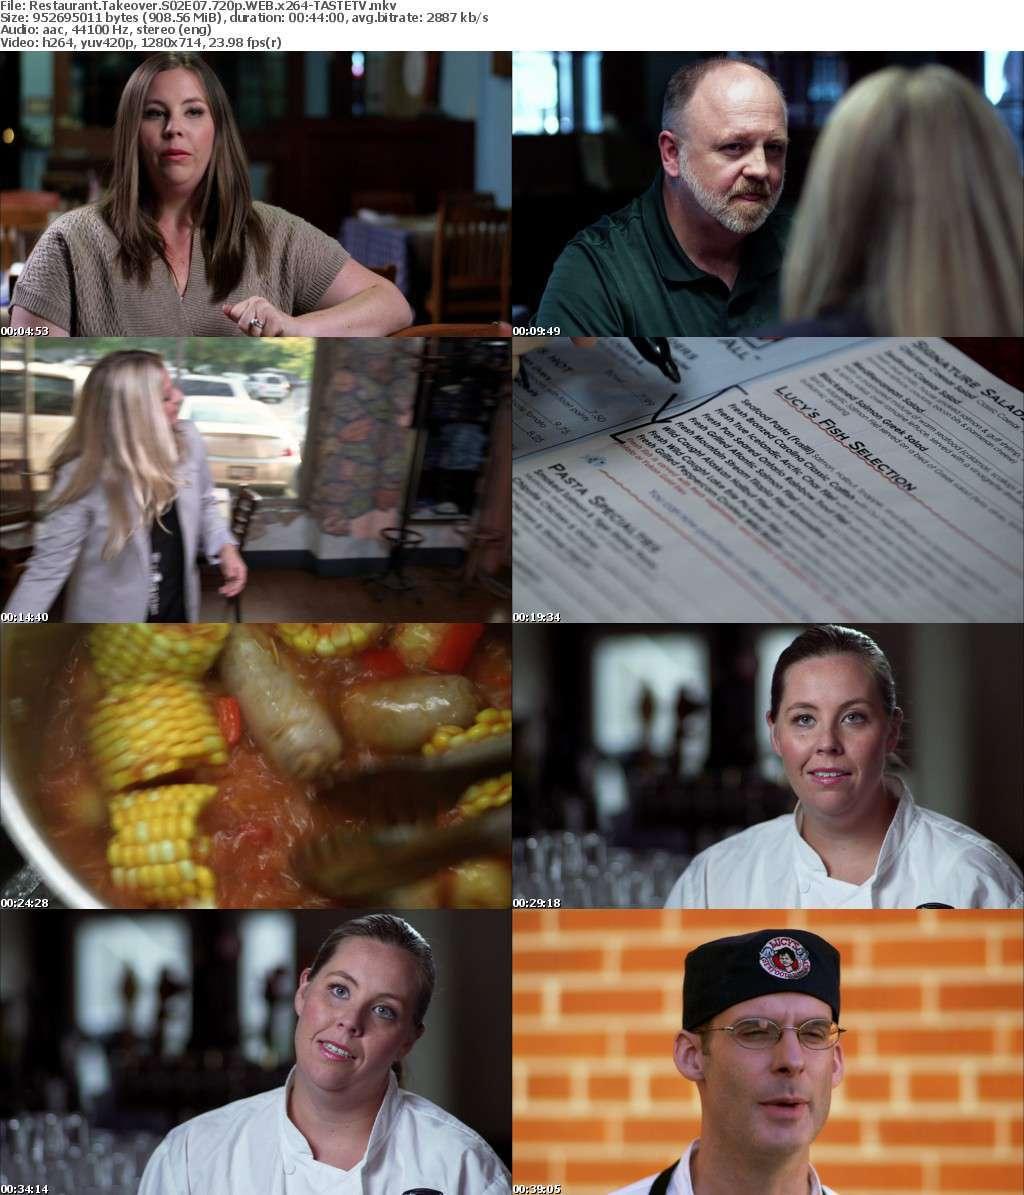 Restaurant Takeover S02E07 720p WEB x264-TASTETV